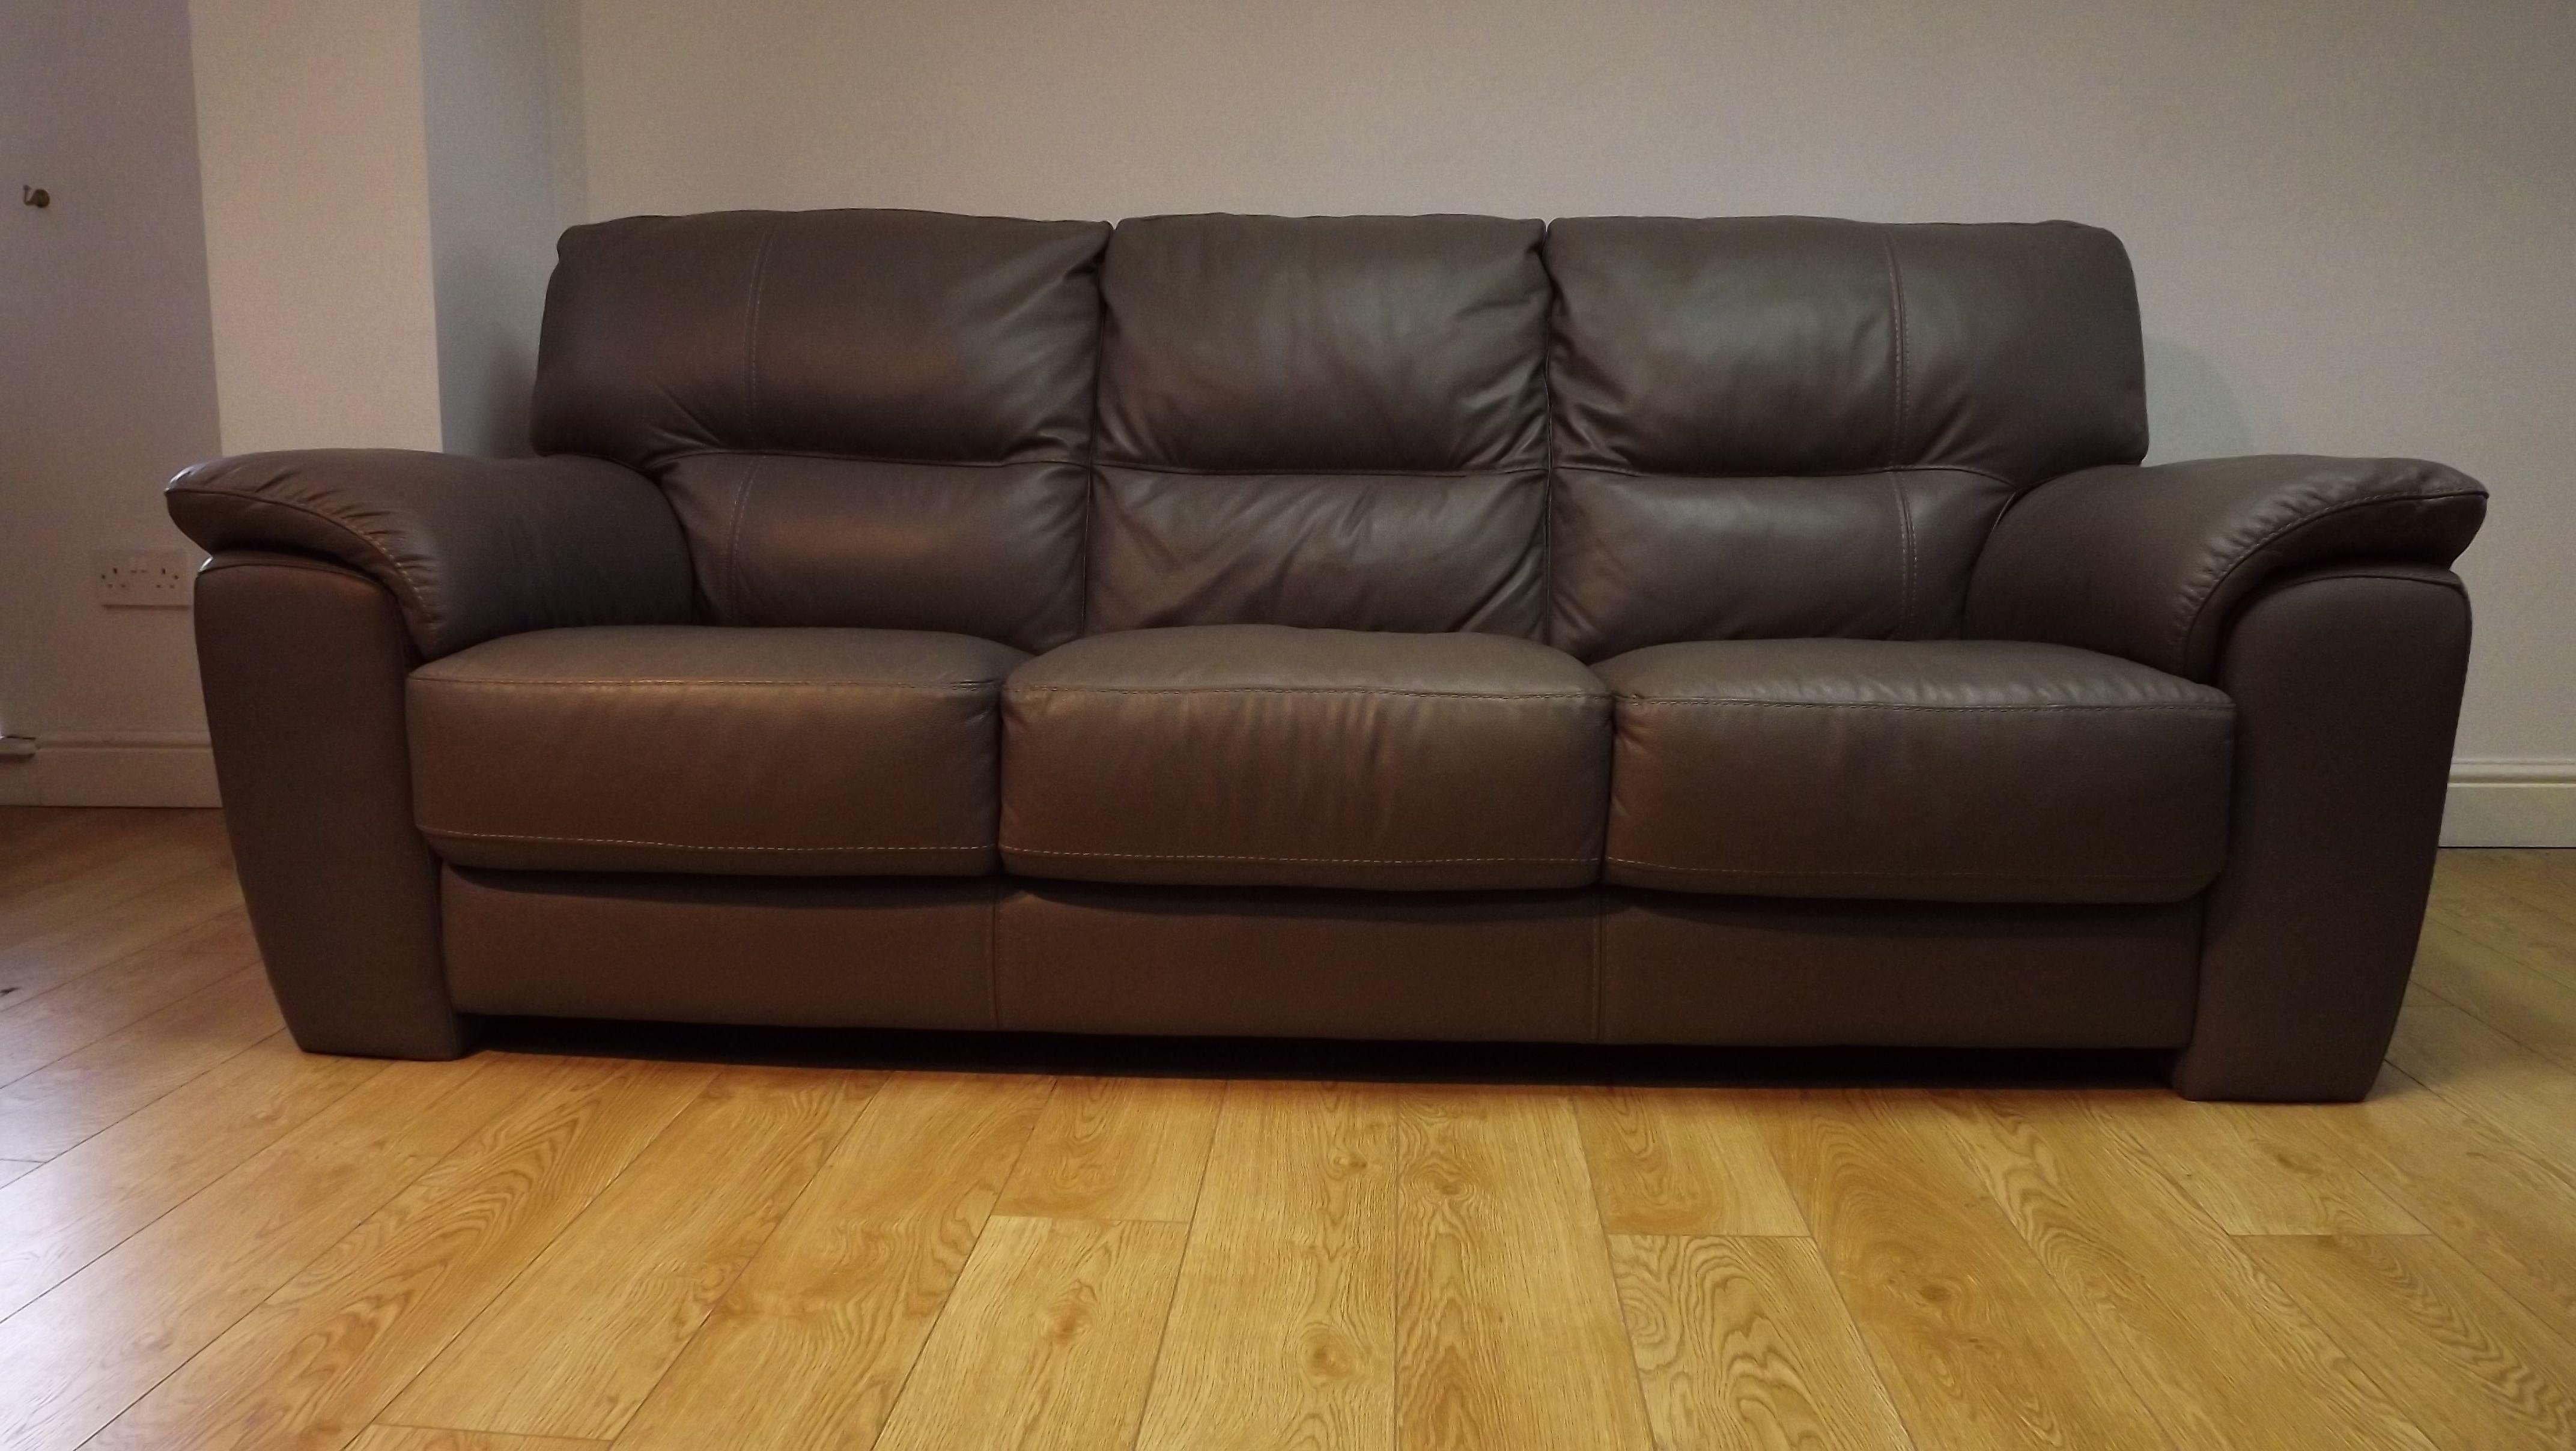 Sofa sale Designer sofas up to 70% off cheapSofa